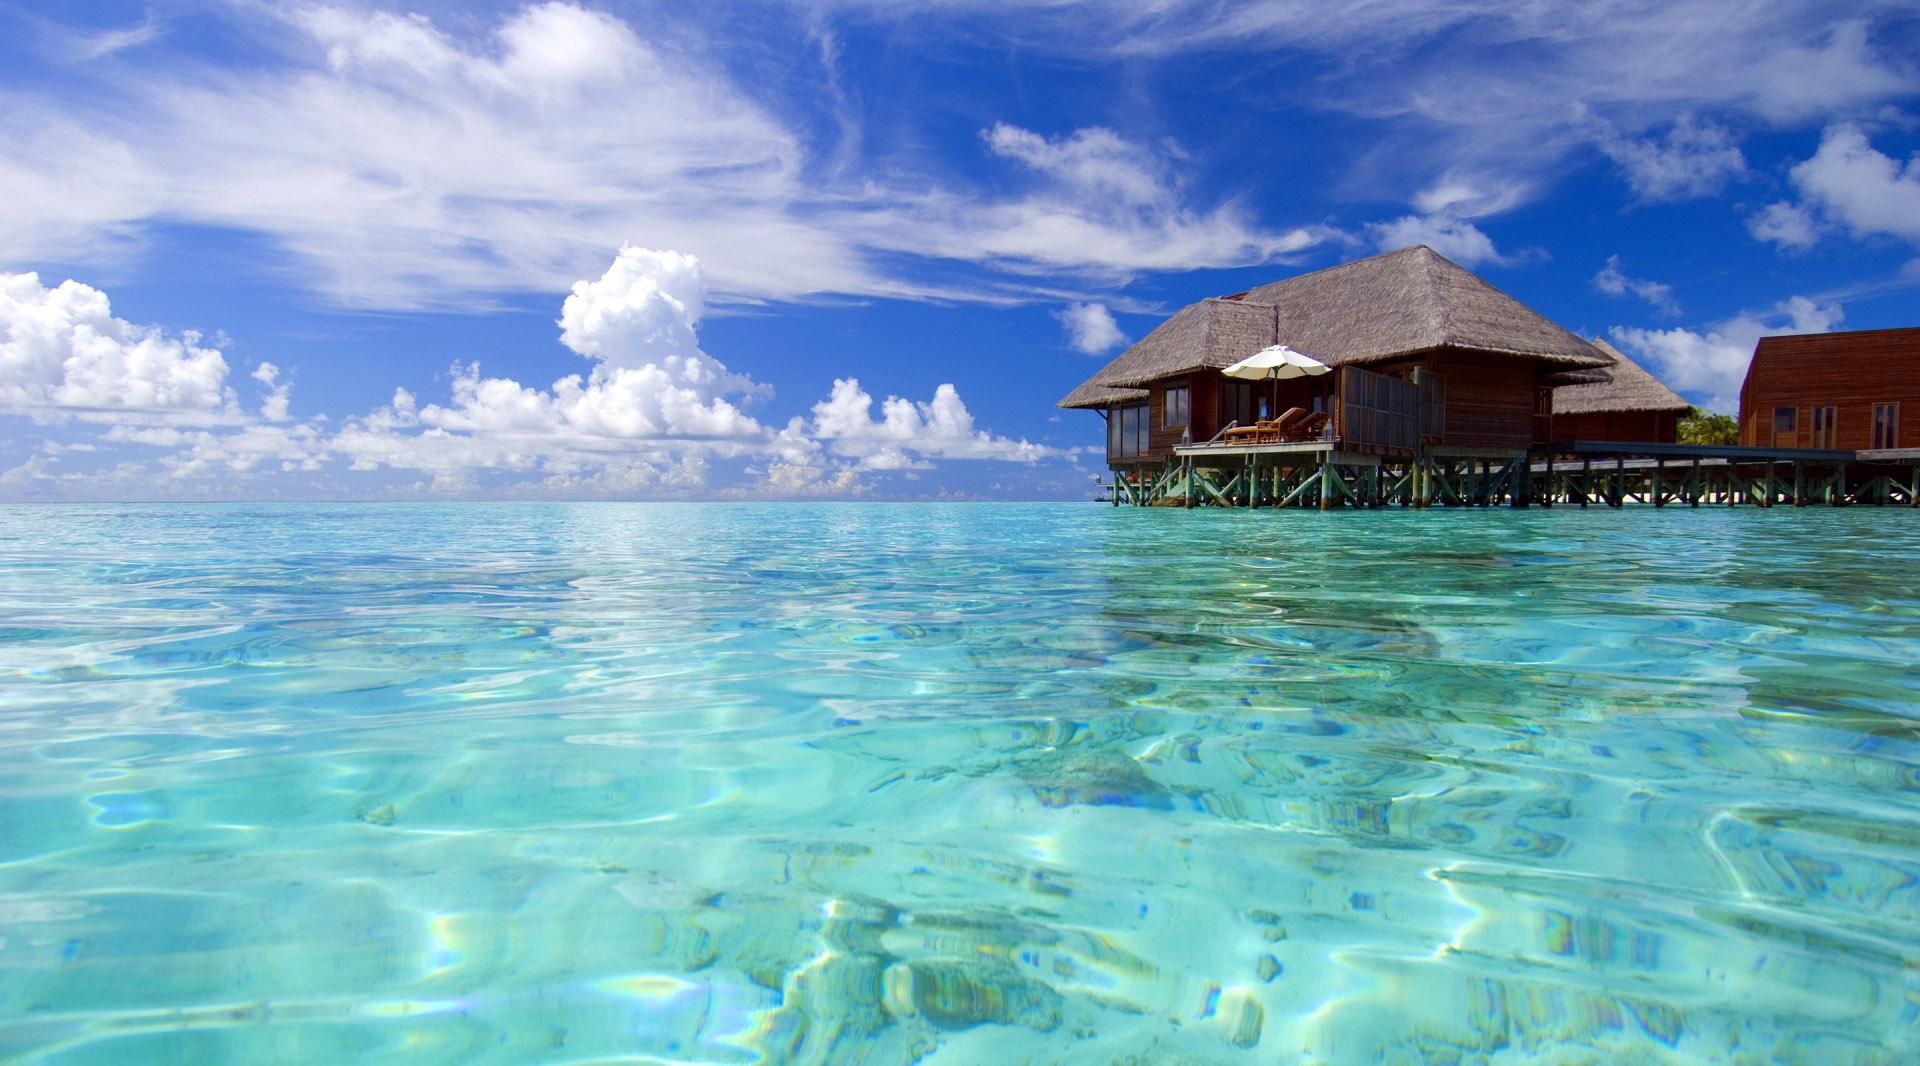 Mythical Maldives - Ejazat Group